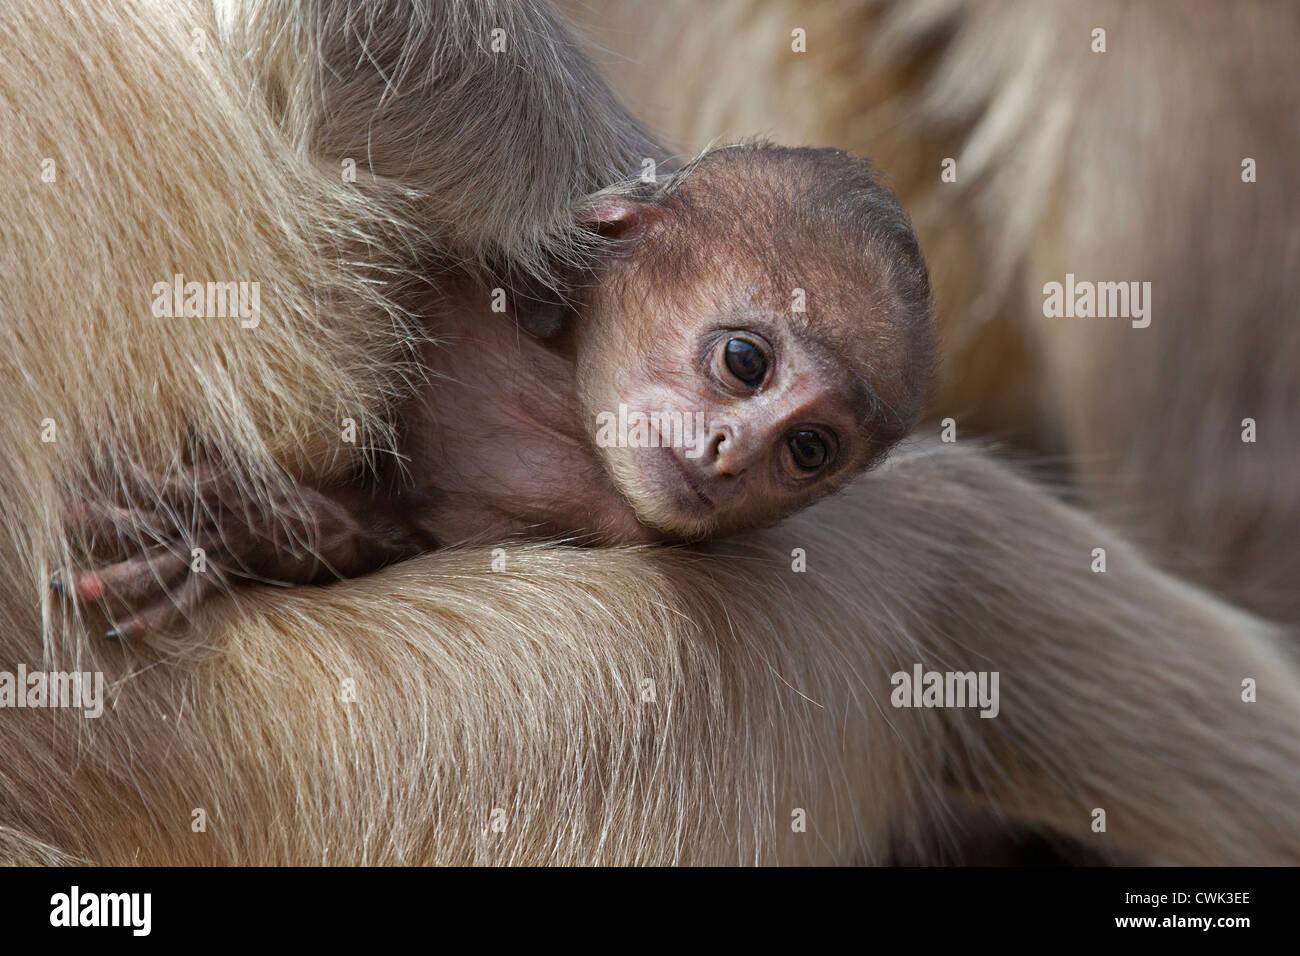 Gray langur Hanuman langur / animaux singe (Semnopithecus) holding baby, le parc national de Ranthambore, Sawai Banque D'Images